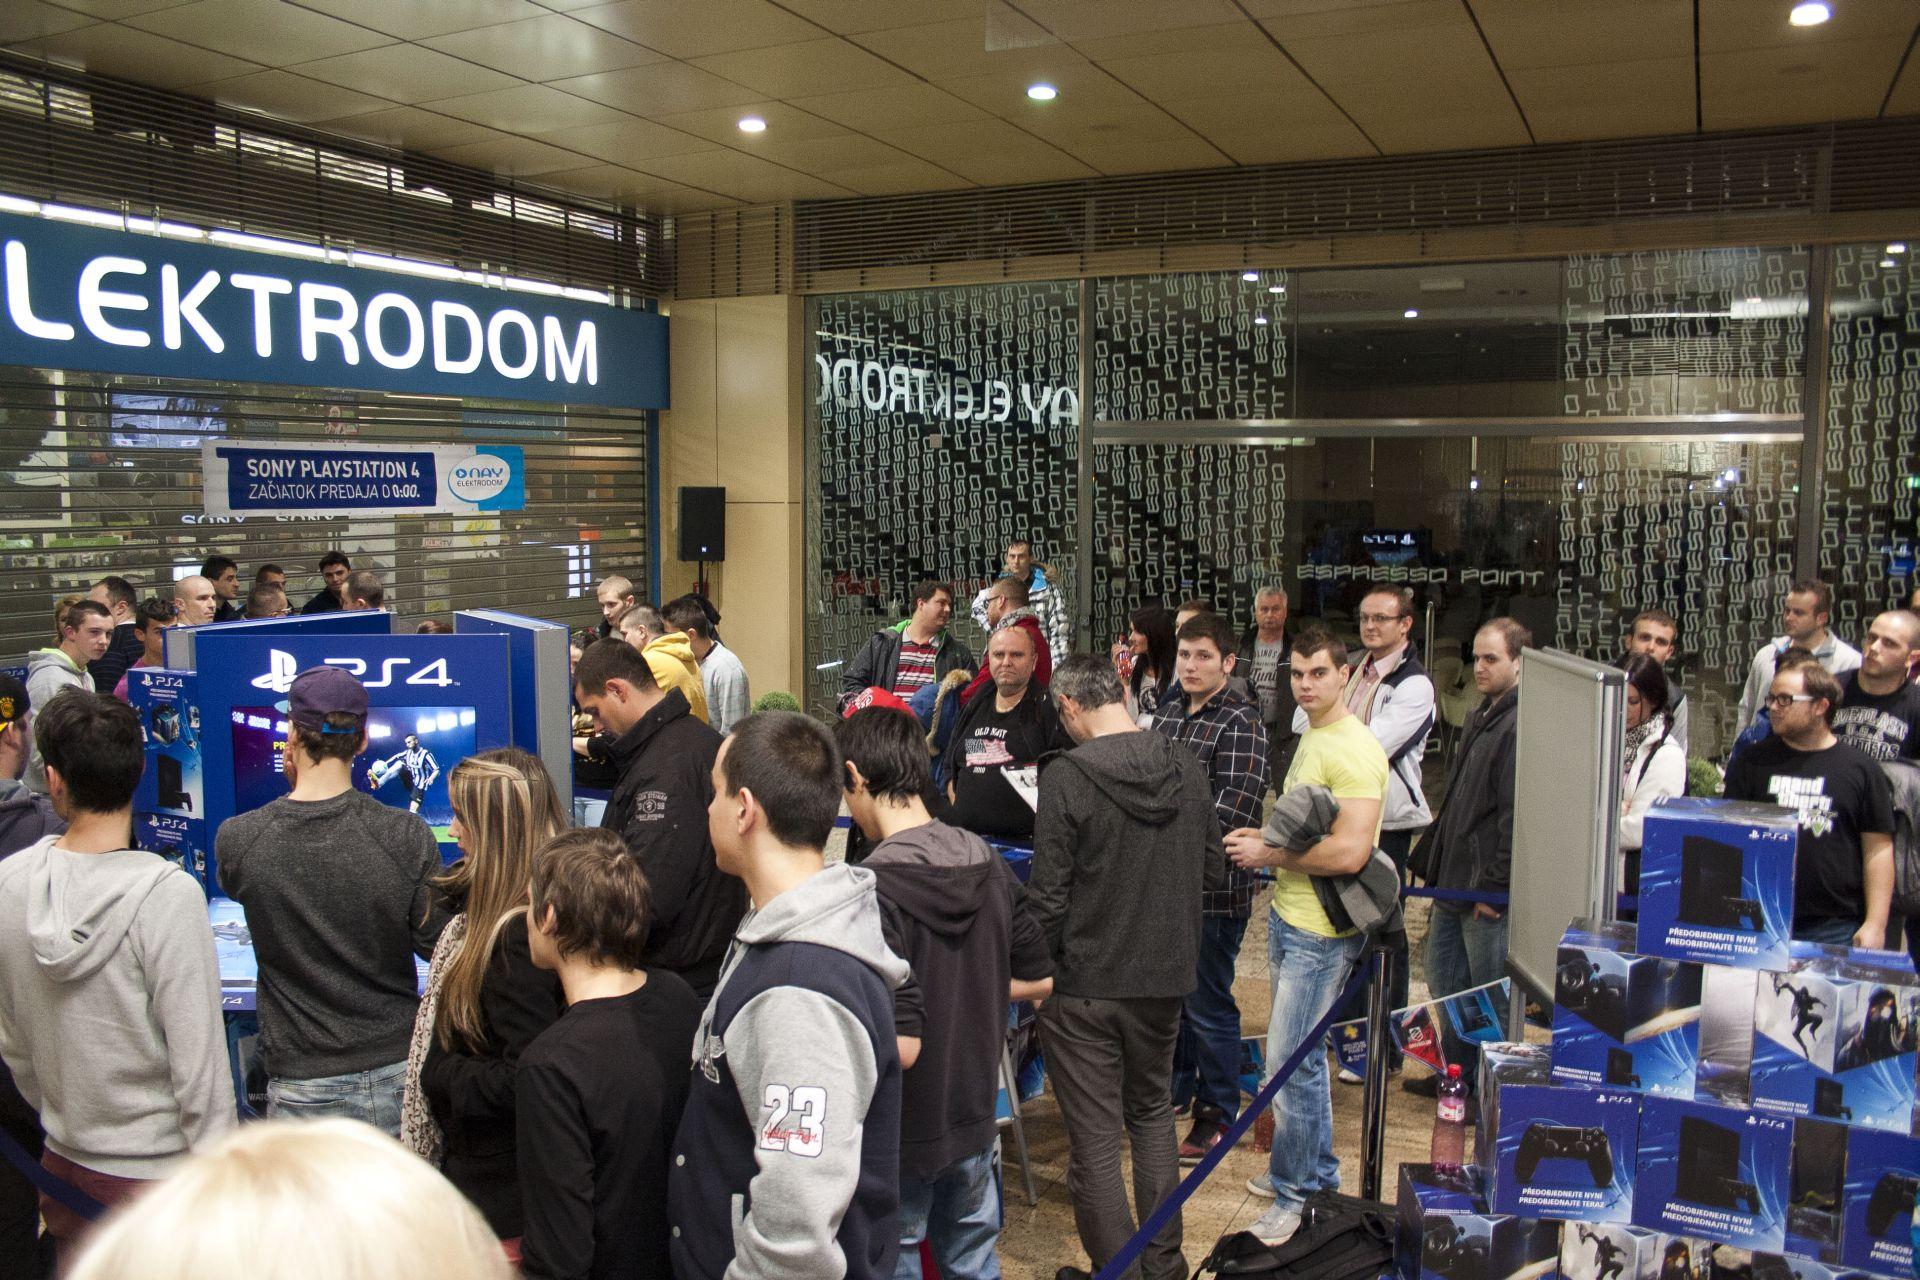 Fotky z půlnočního prodeje PS4 v Praze a Bratislavě 90873